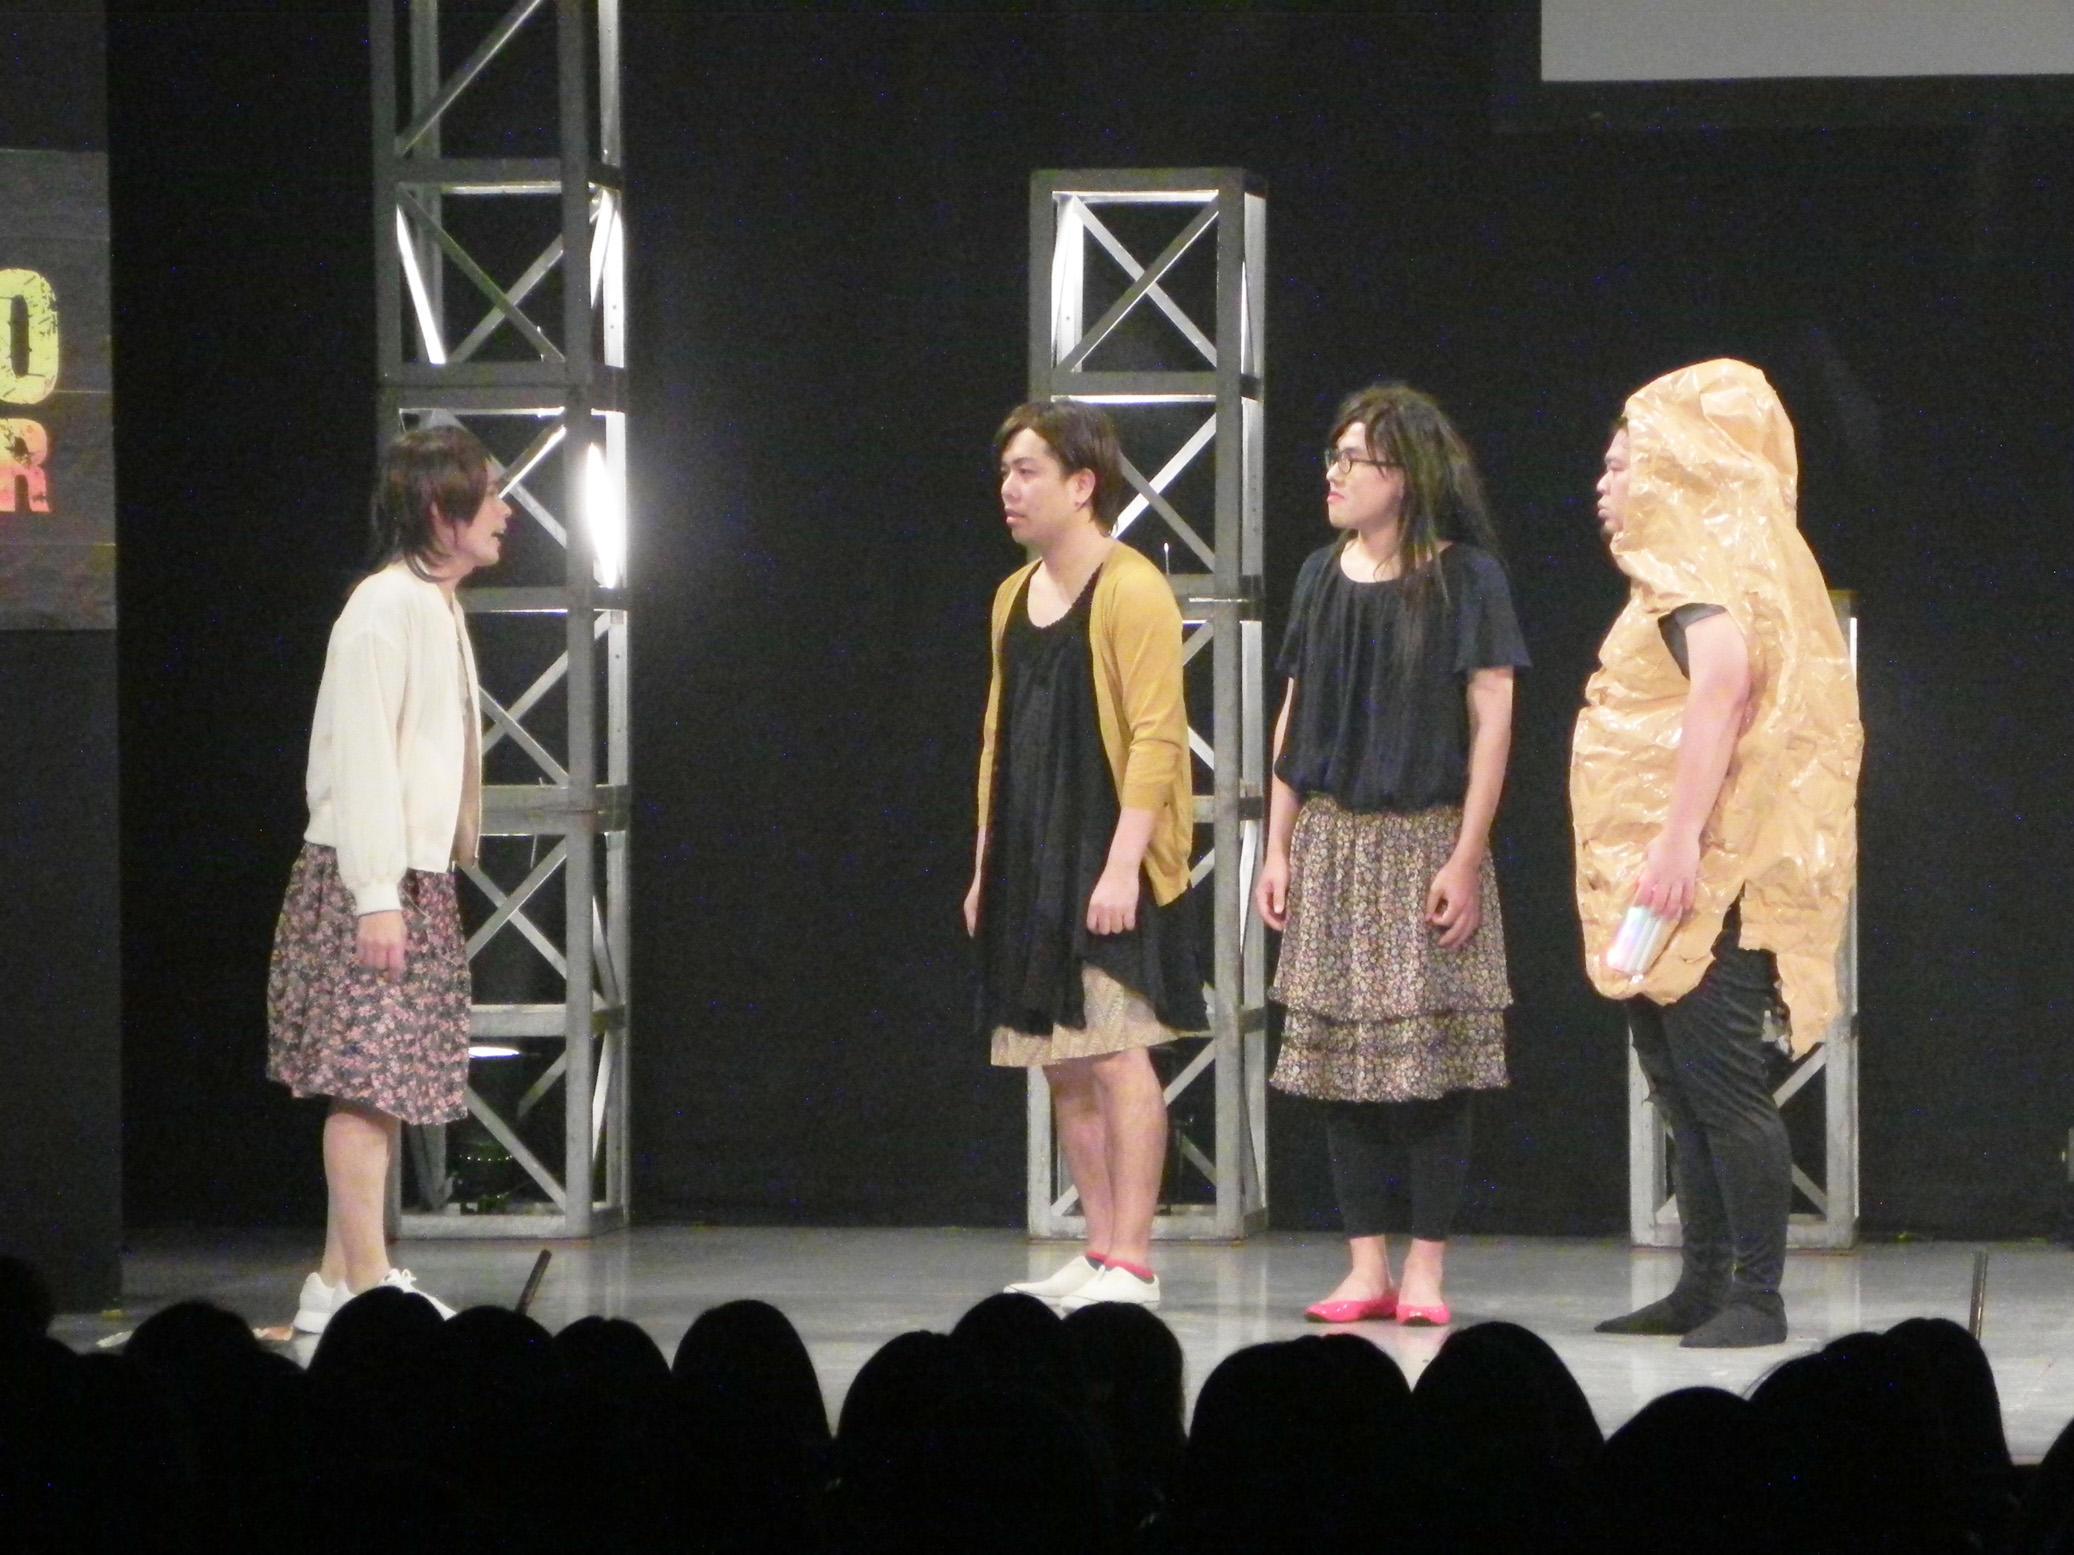 http://news.yoshimoto.co.jp/20170507155021-f45194c6dd8e15e7c8d3f1ee7edaedc661d9888e.jpg